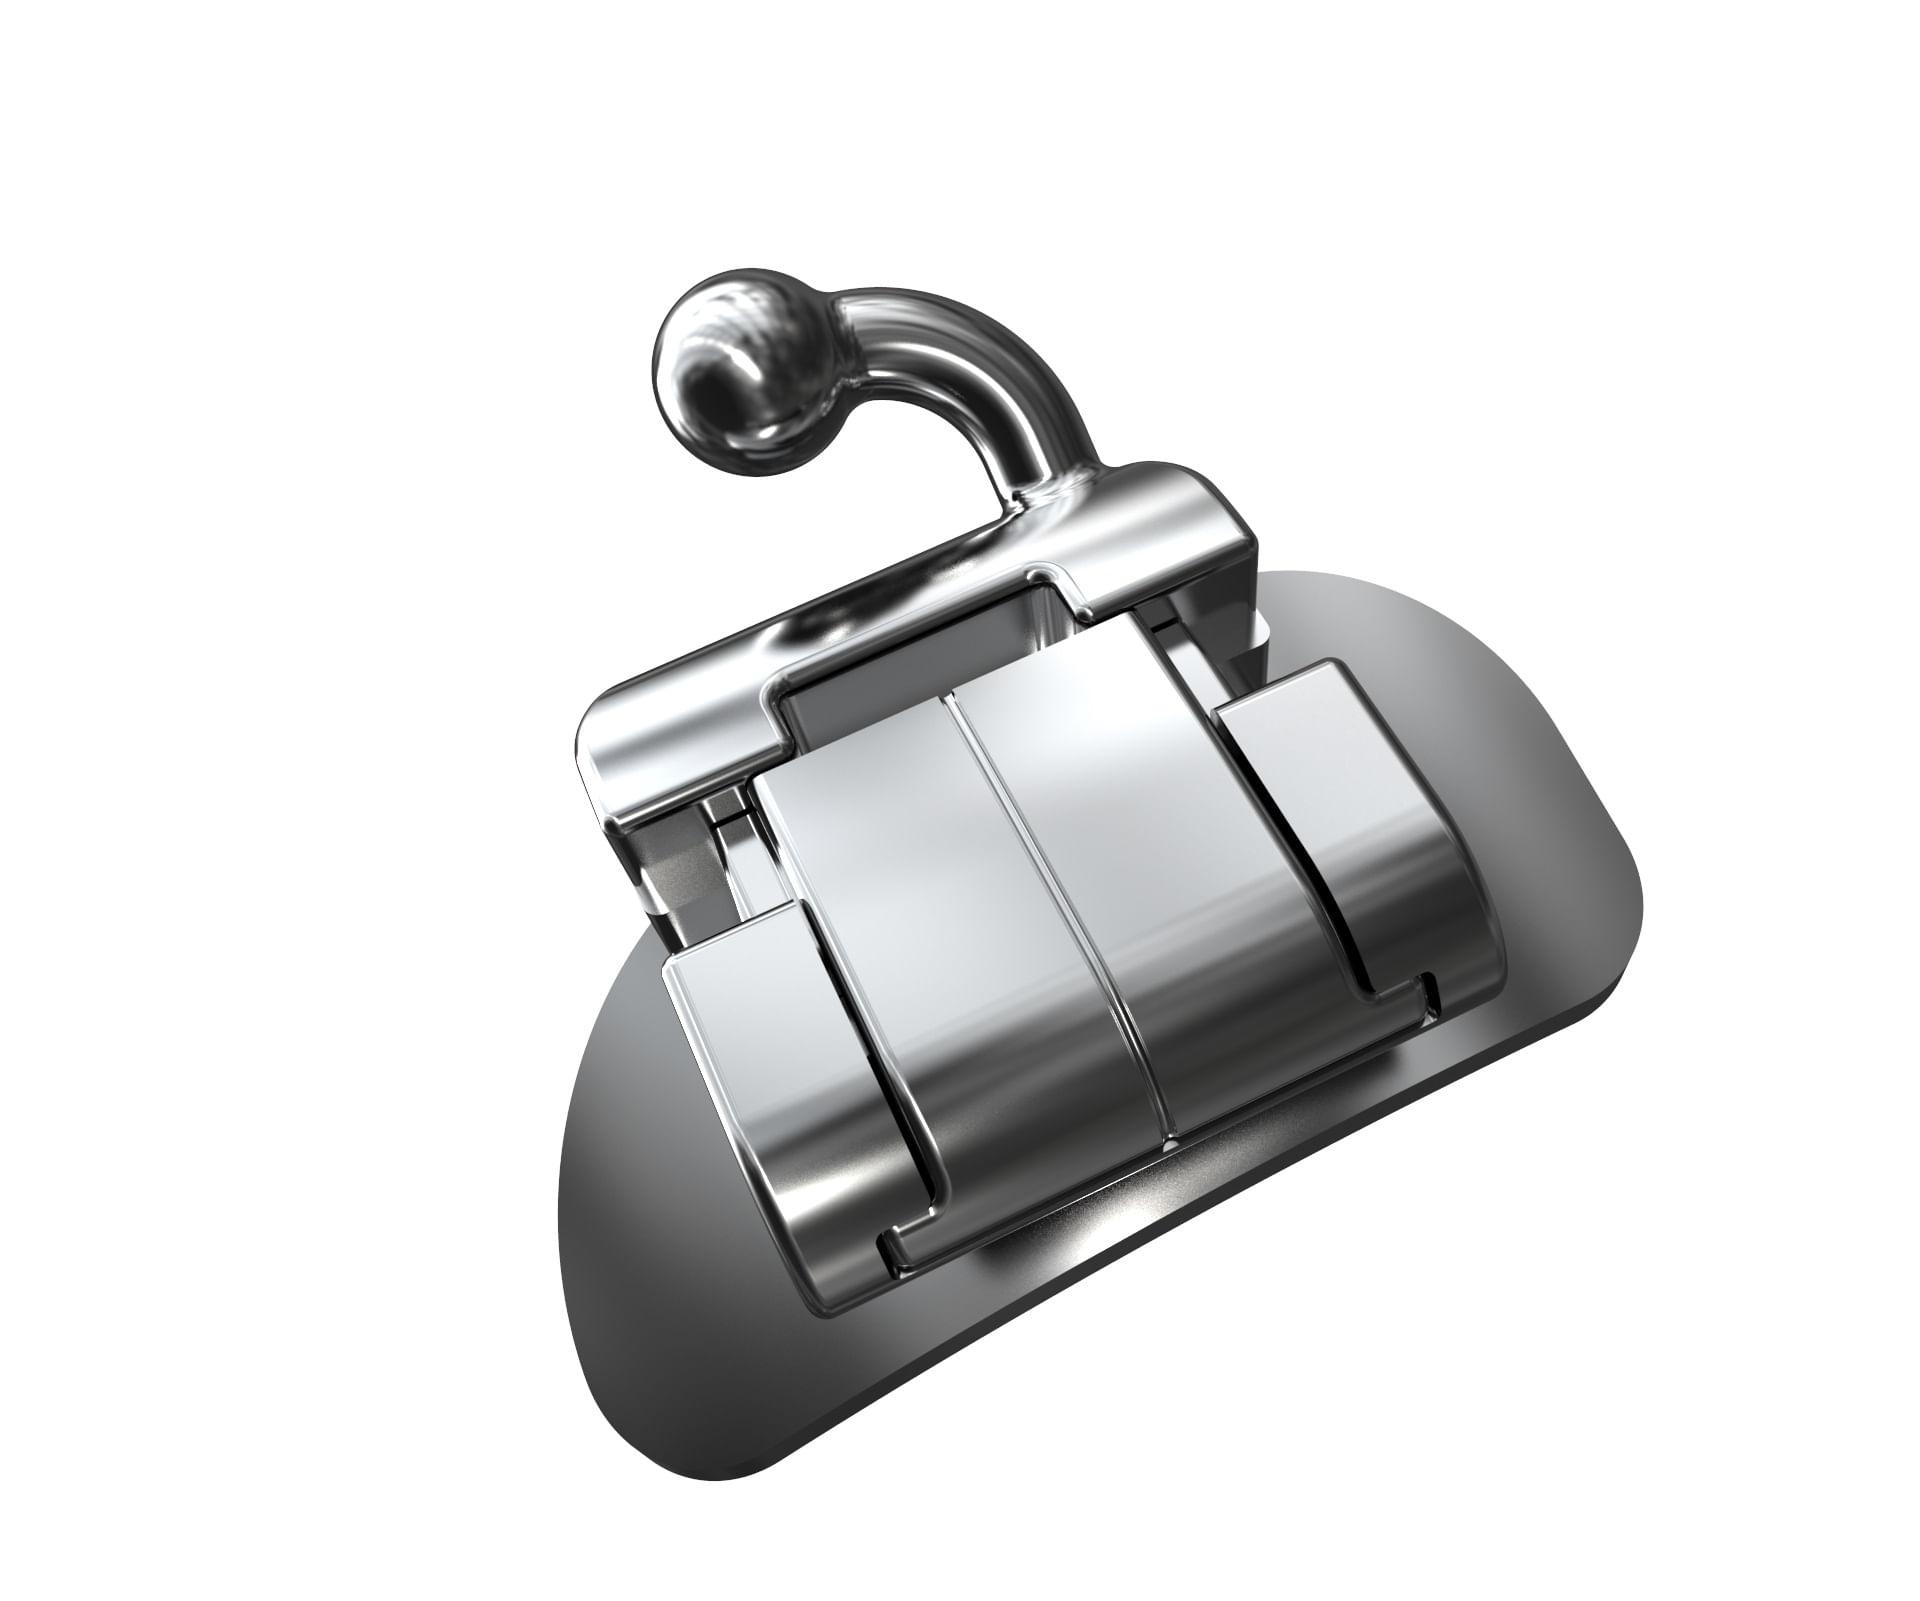 TUBO-ORTODONTICO-PARA-COLAGEM-AUTOLIGADO---PRESCRICAO-MBT-.022----DENTE-46---INFINITY